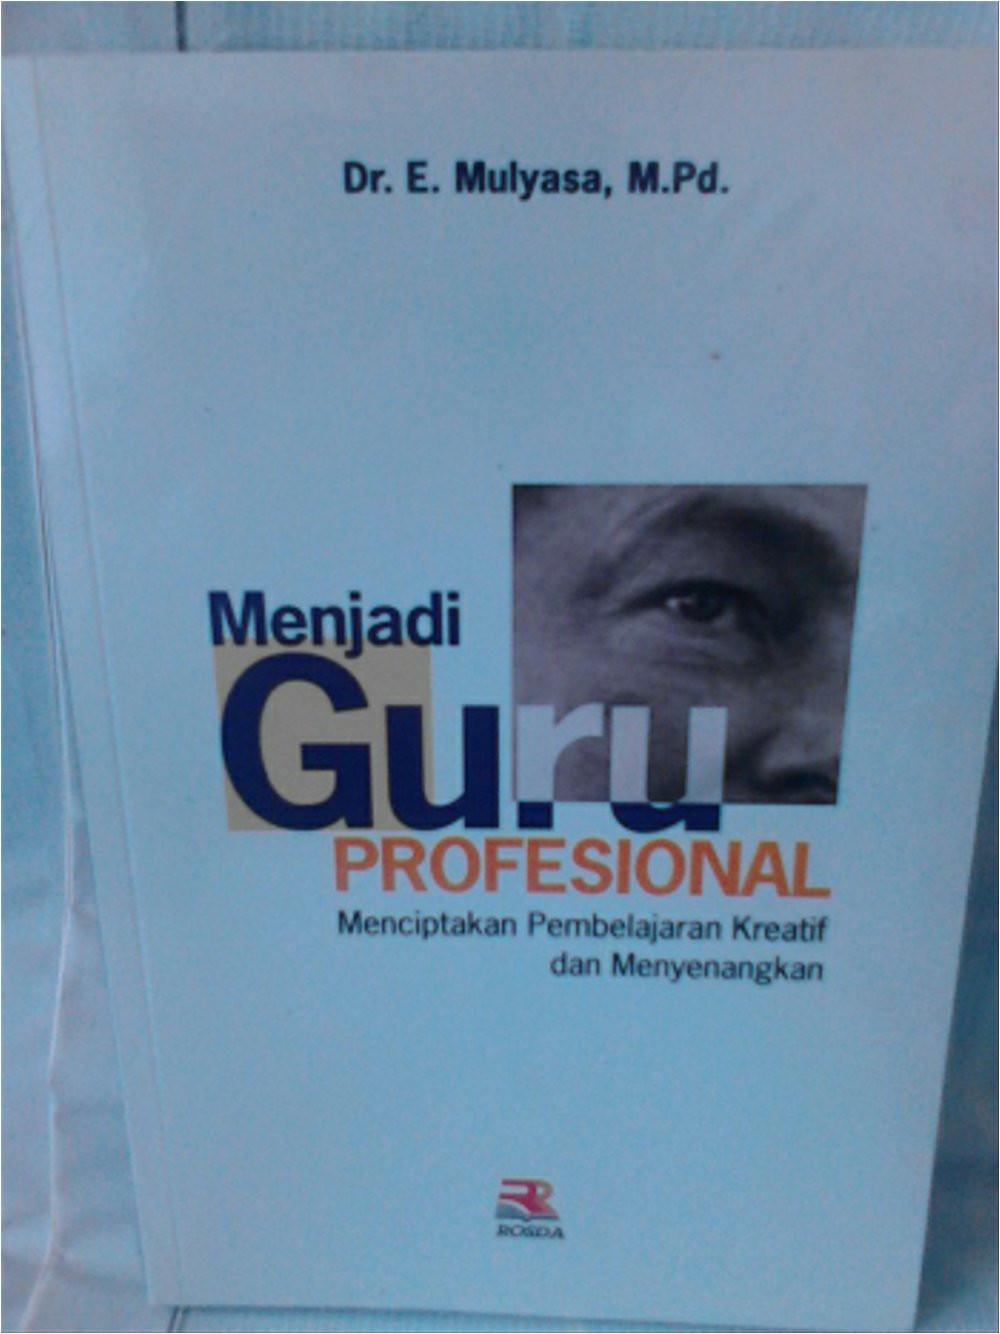 Resume Menjadi Guru Profesional Jual Menjadi Guru Profesional Di Lapak toko Buku Rafi